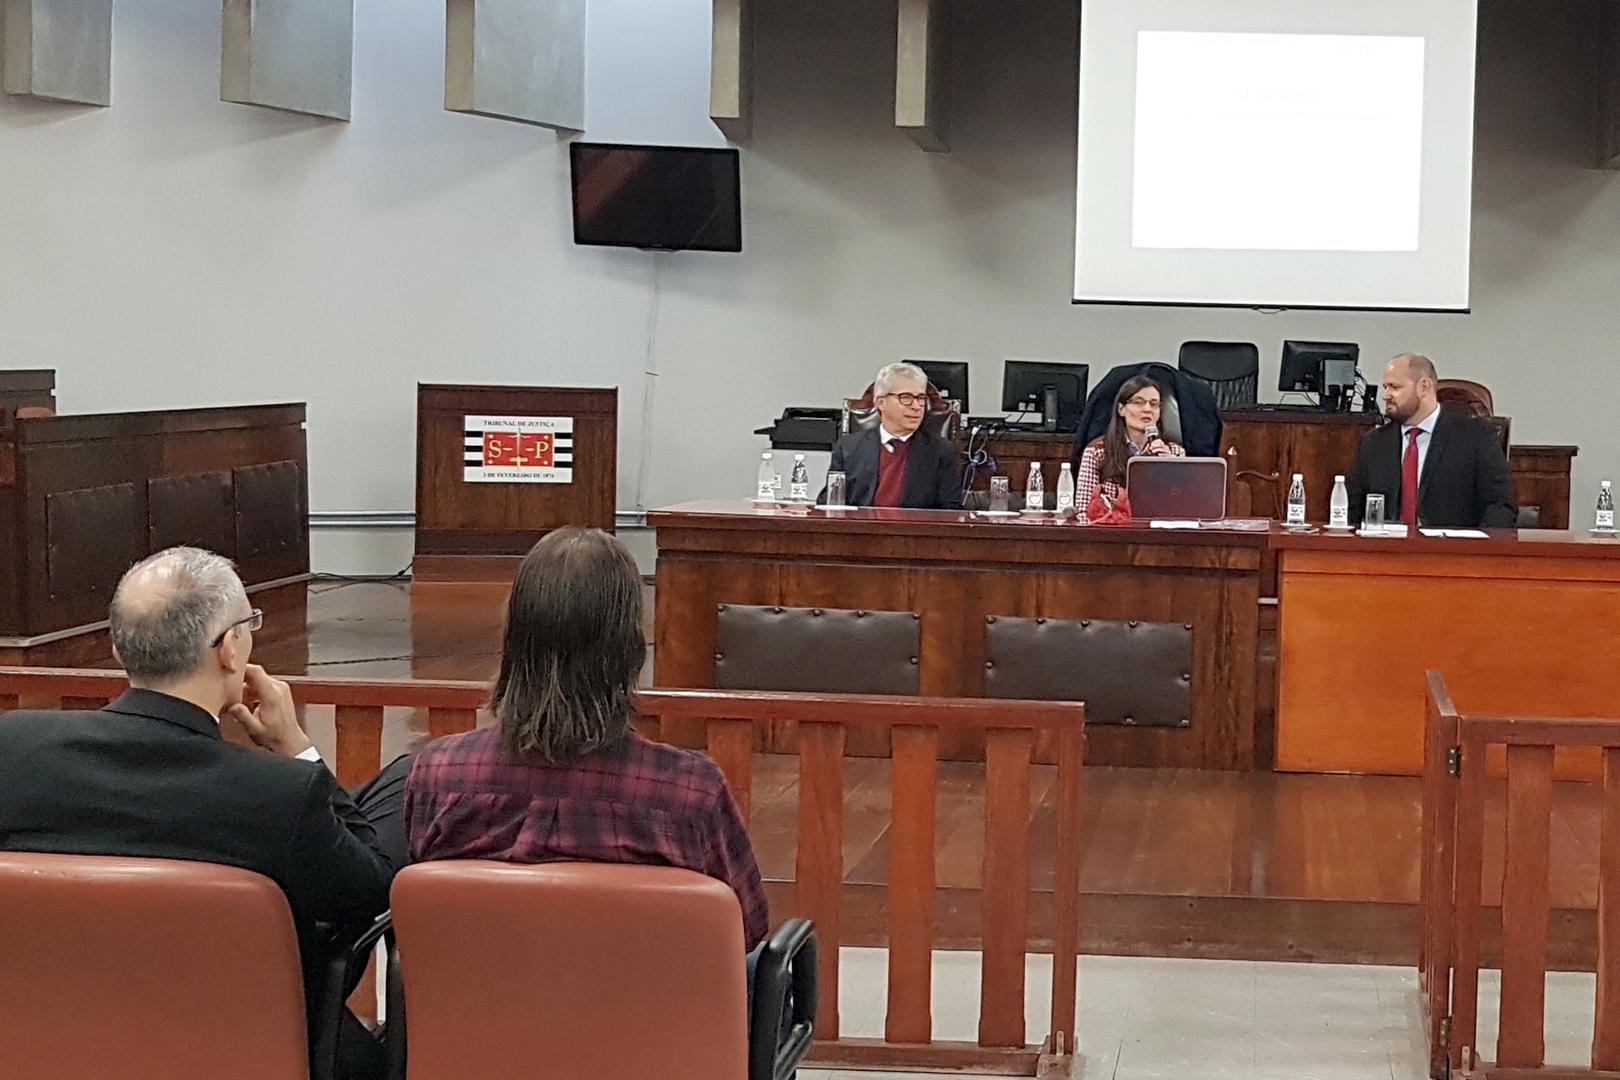 Núcleo Regional de Sorocaba da EPM realiza a palestra 'Morte digna? Direito à vida e autonomia privada'